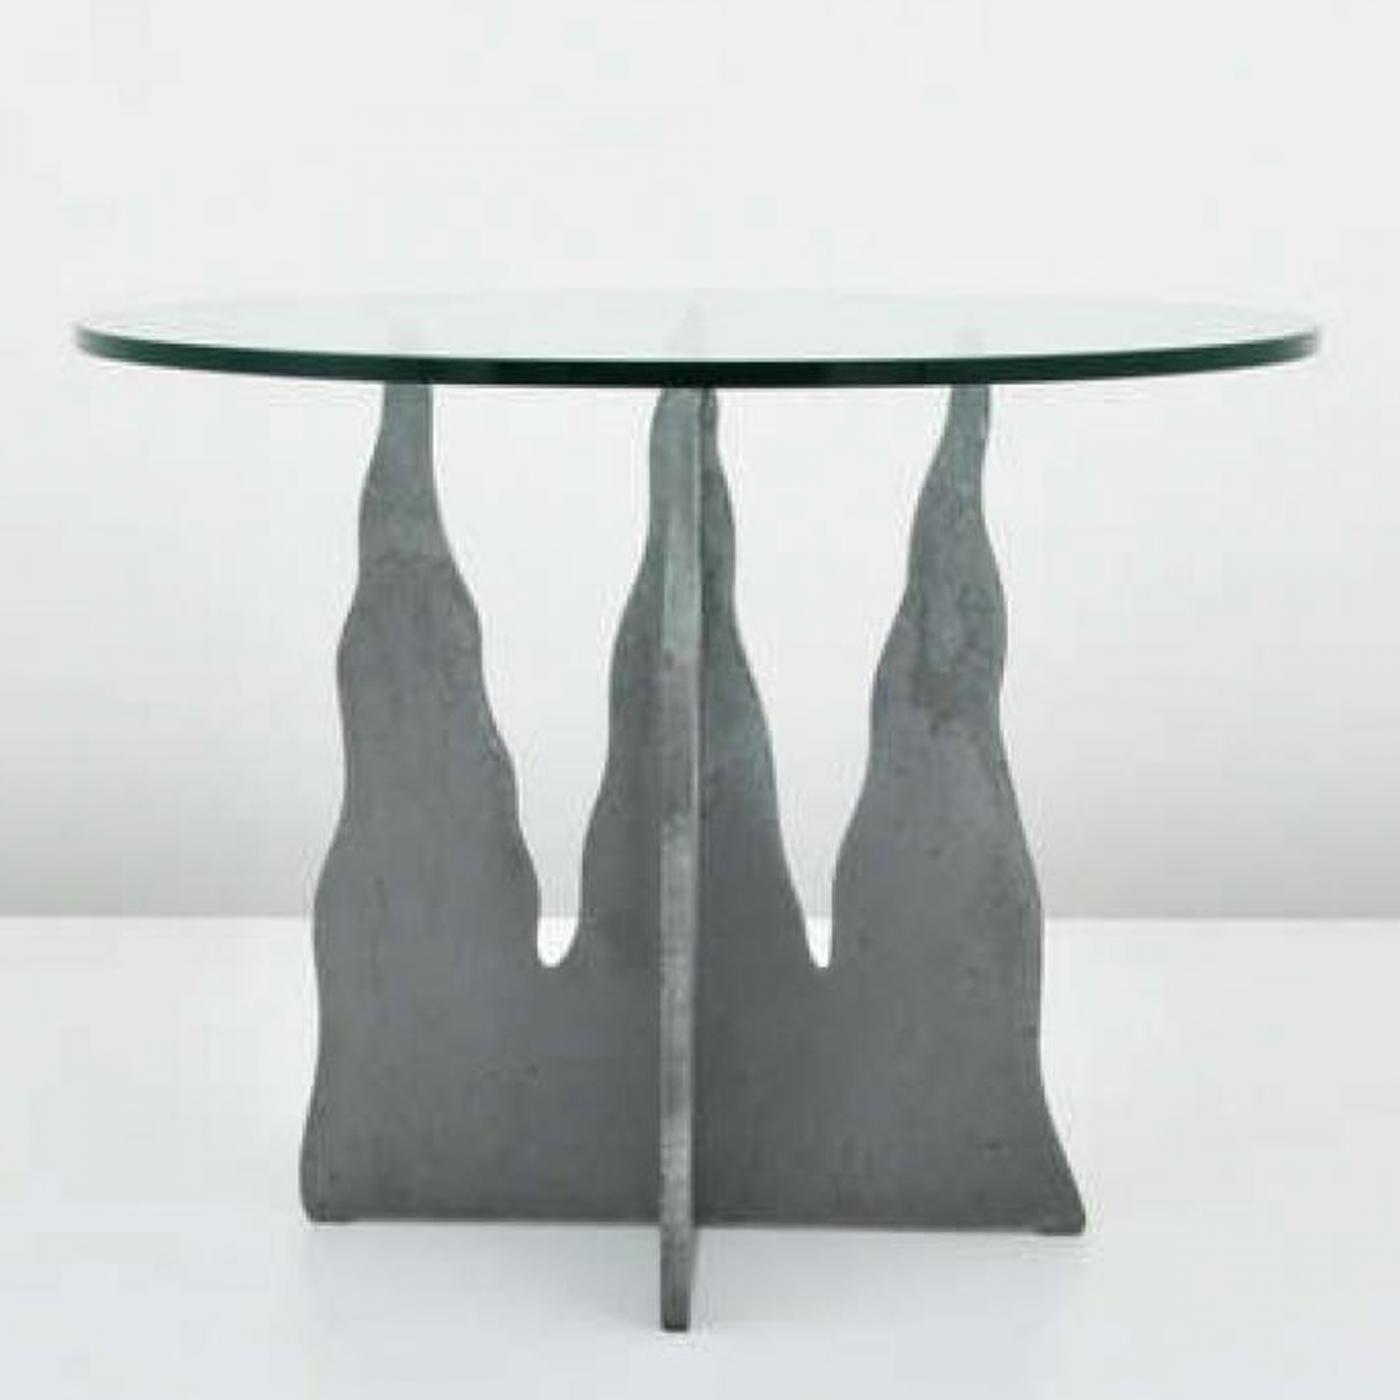 Pucci De Rossi Pucci De Rossi End Table 1987